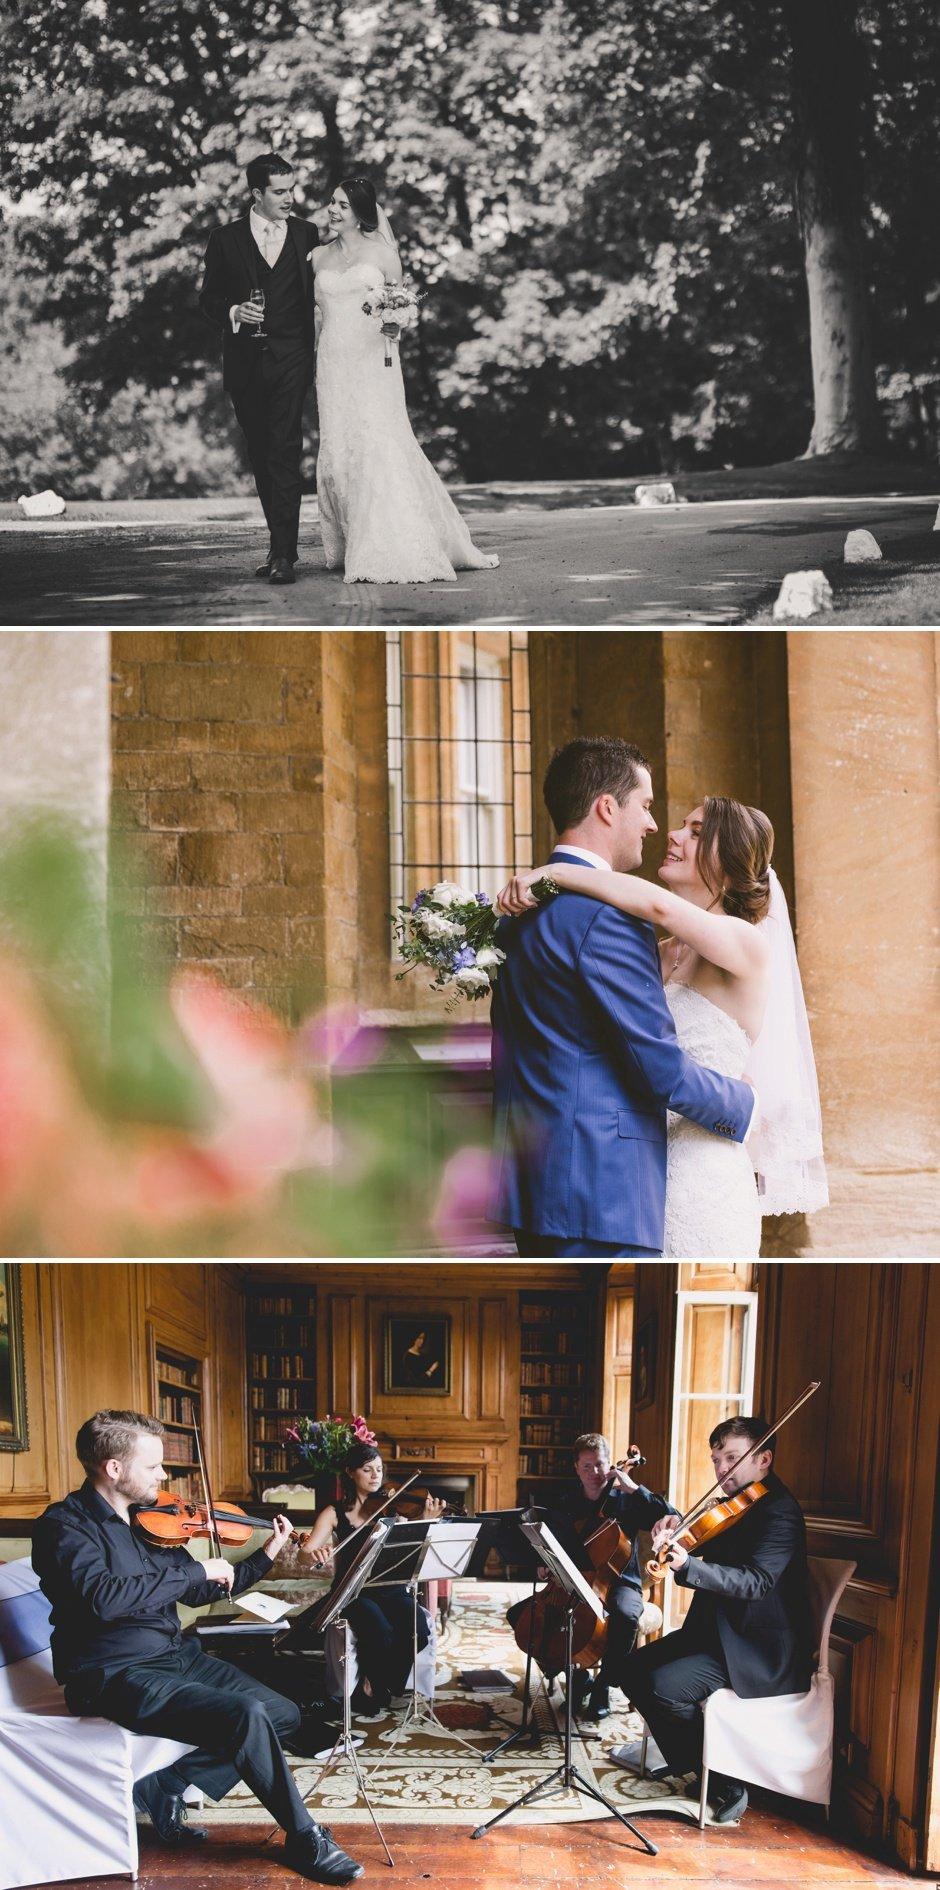 Wyck-Hill-House-wedding-Photographer_0015